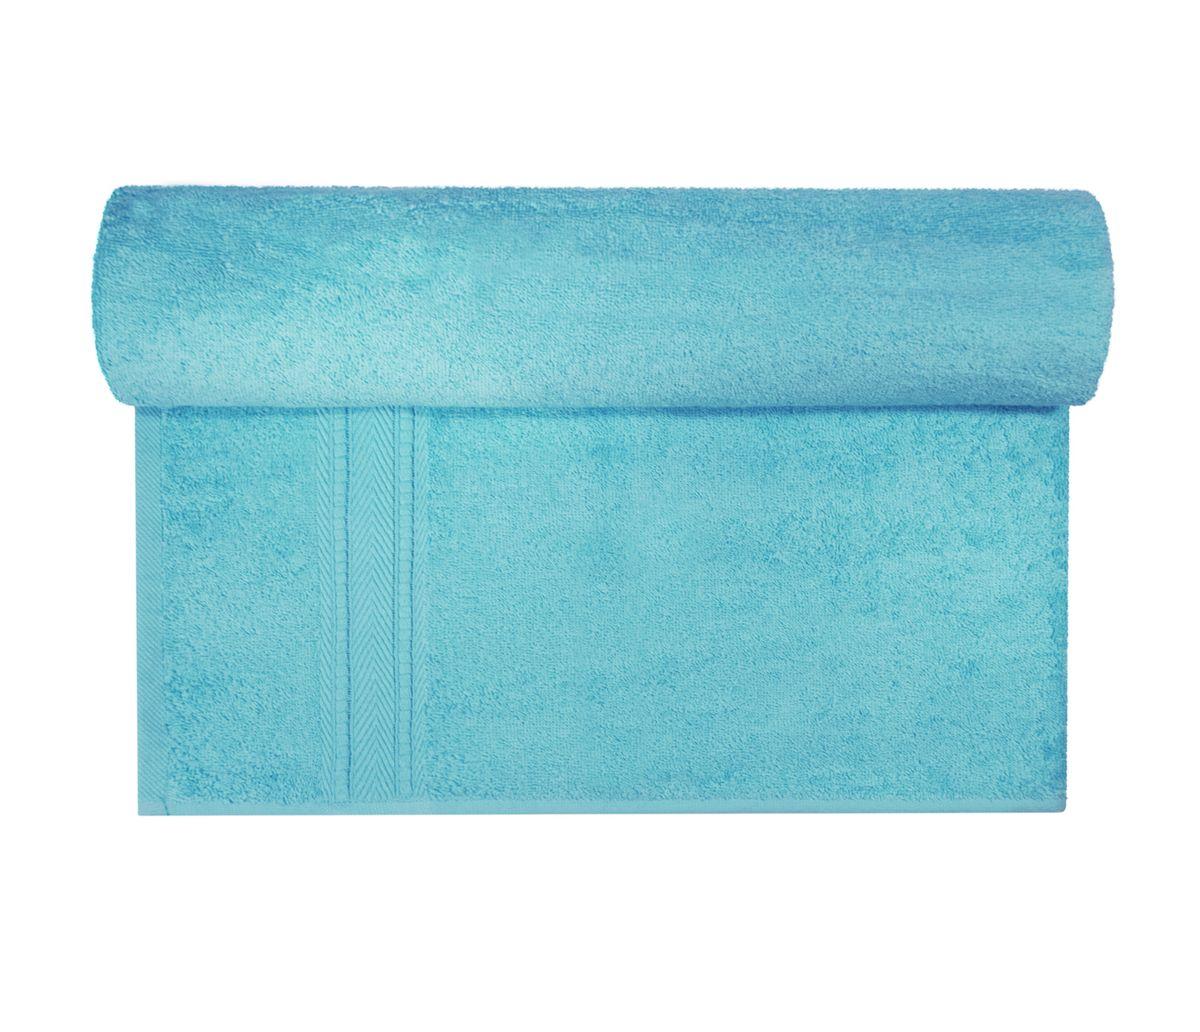 Полотенце махровое Osborn Textile, цвет: бирюзовый, 70 х 140 см1004900000360В состав полотенца Osborn Textile входит только натуральное волокно - хлопок. Лаконичные бордюры подойдут для любого интерьера ванной комнаты. Полотенце прекрасно впитывает влагу и быстро сохнет. При соблюдении рекомендаций по уходу не линяет и не теряет форму даже после многократных стирок. Плотность: 450 г/м2.